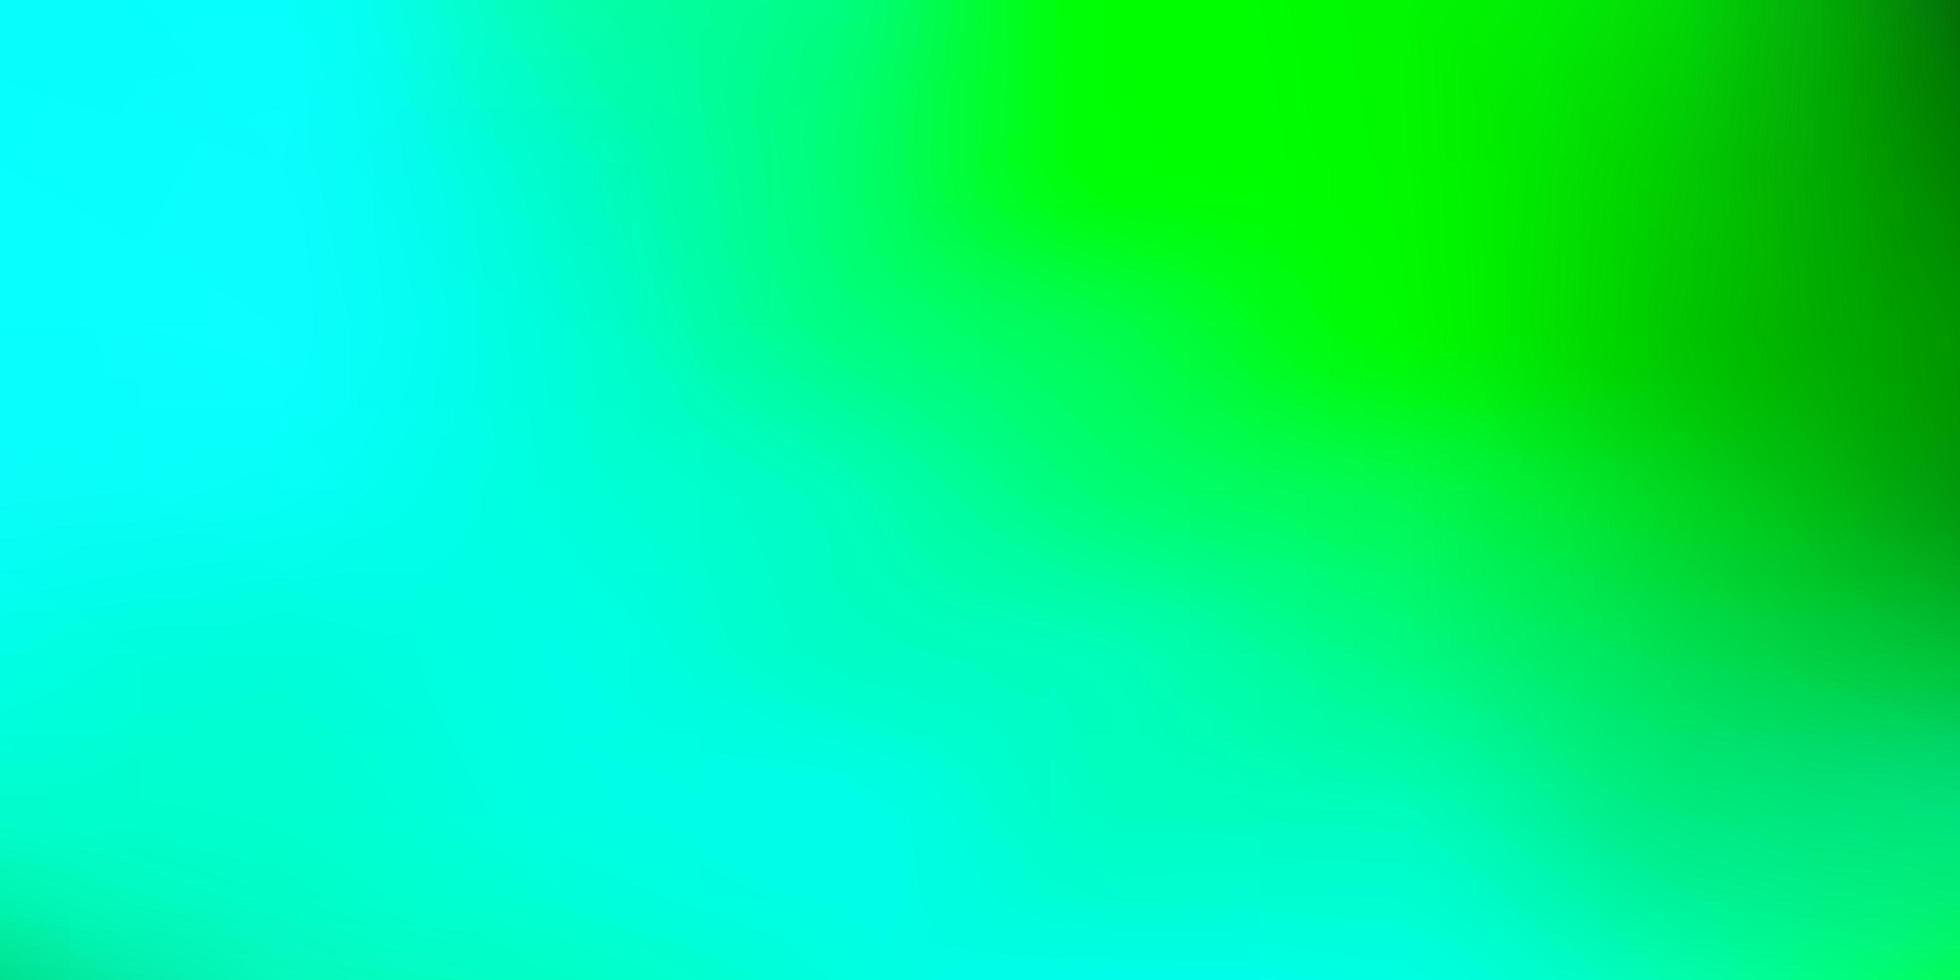 modello di sfocatura vettoriale verde chiaro.